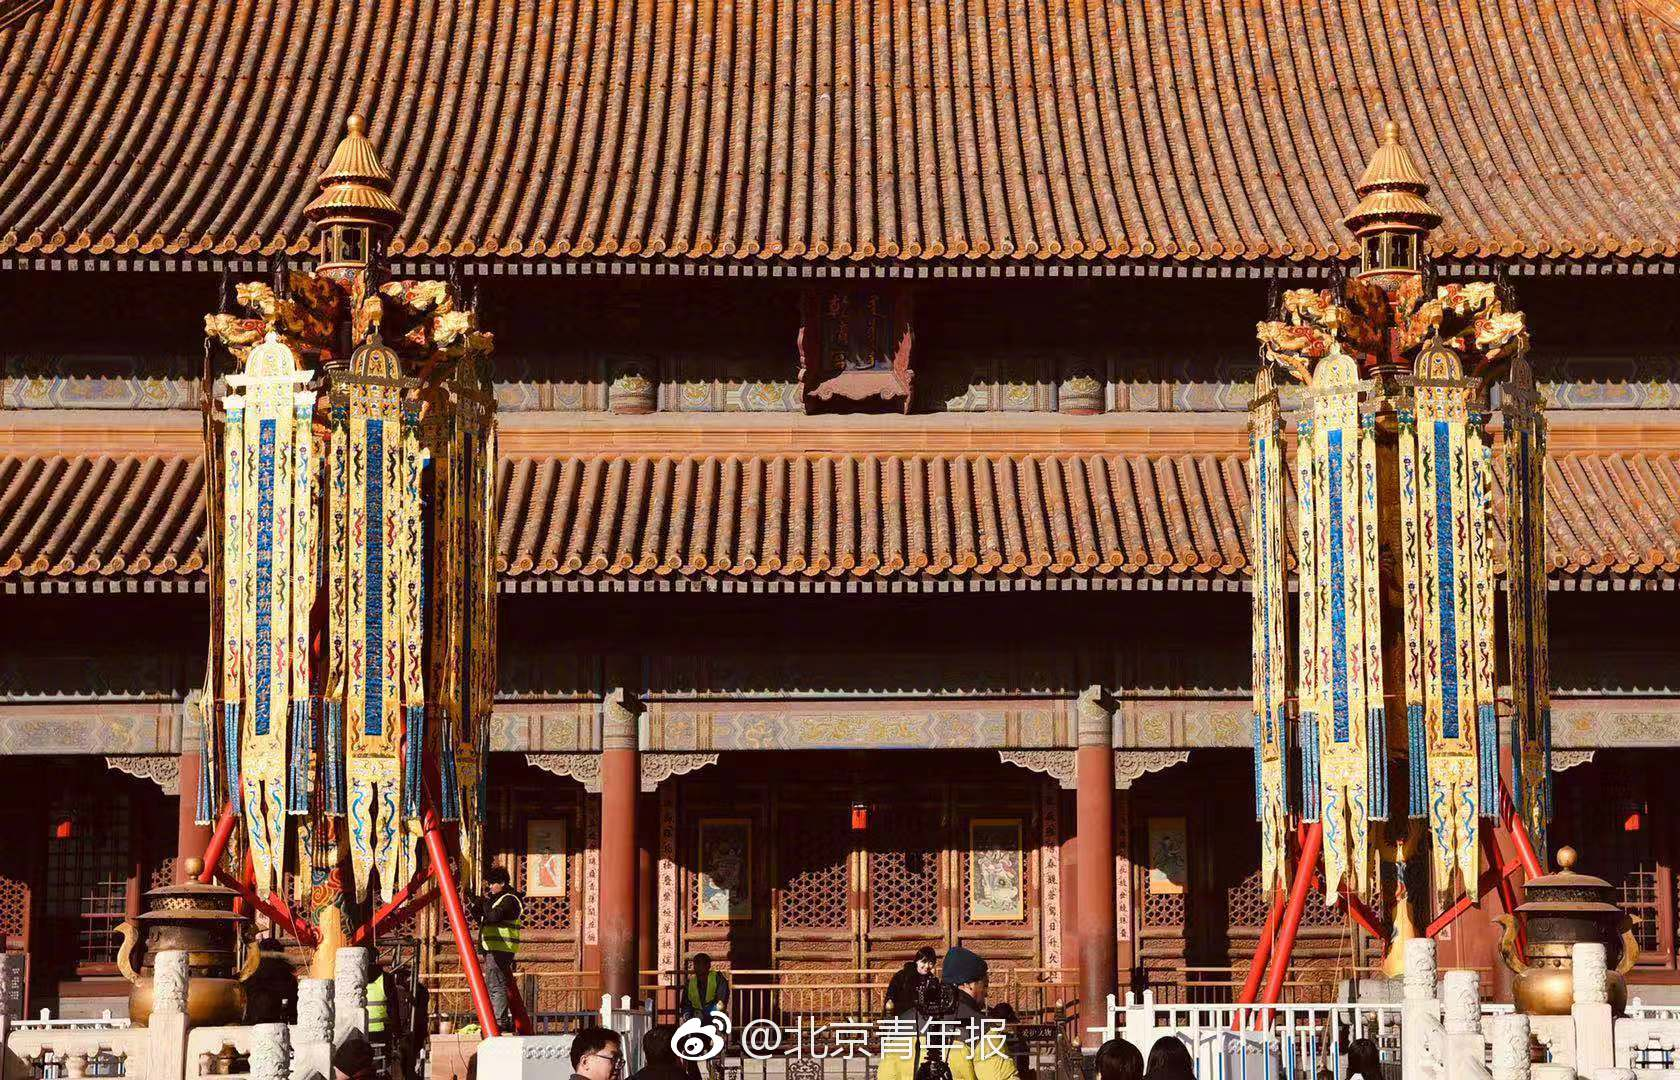 北京垃圾分類首周:有居民表示垃圾混扔現象很普遍